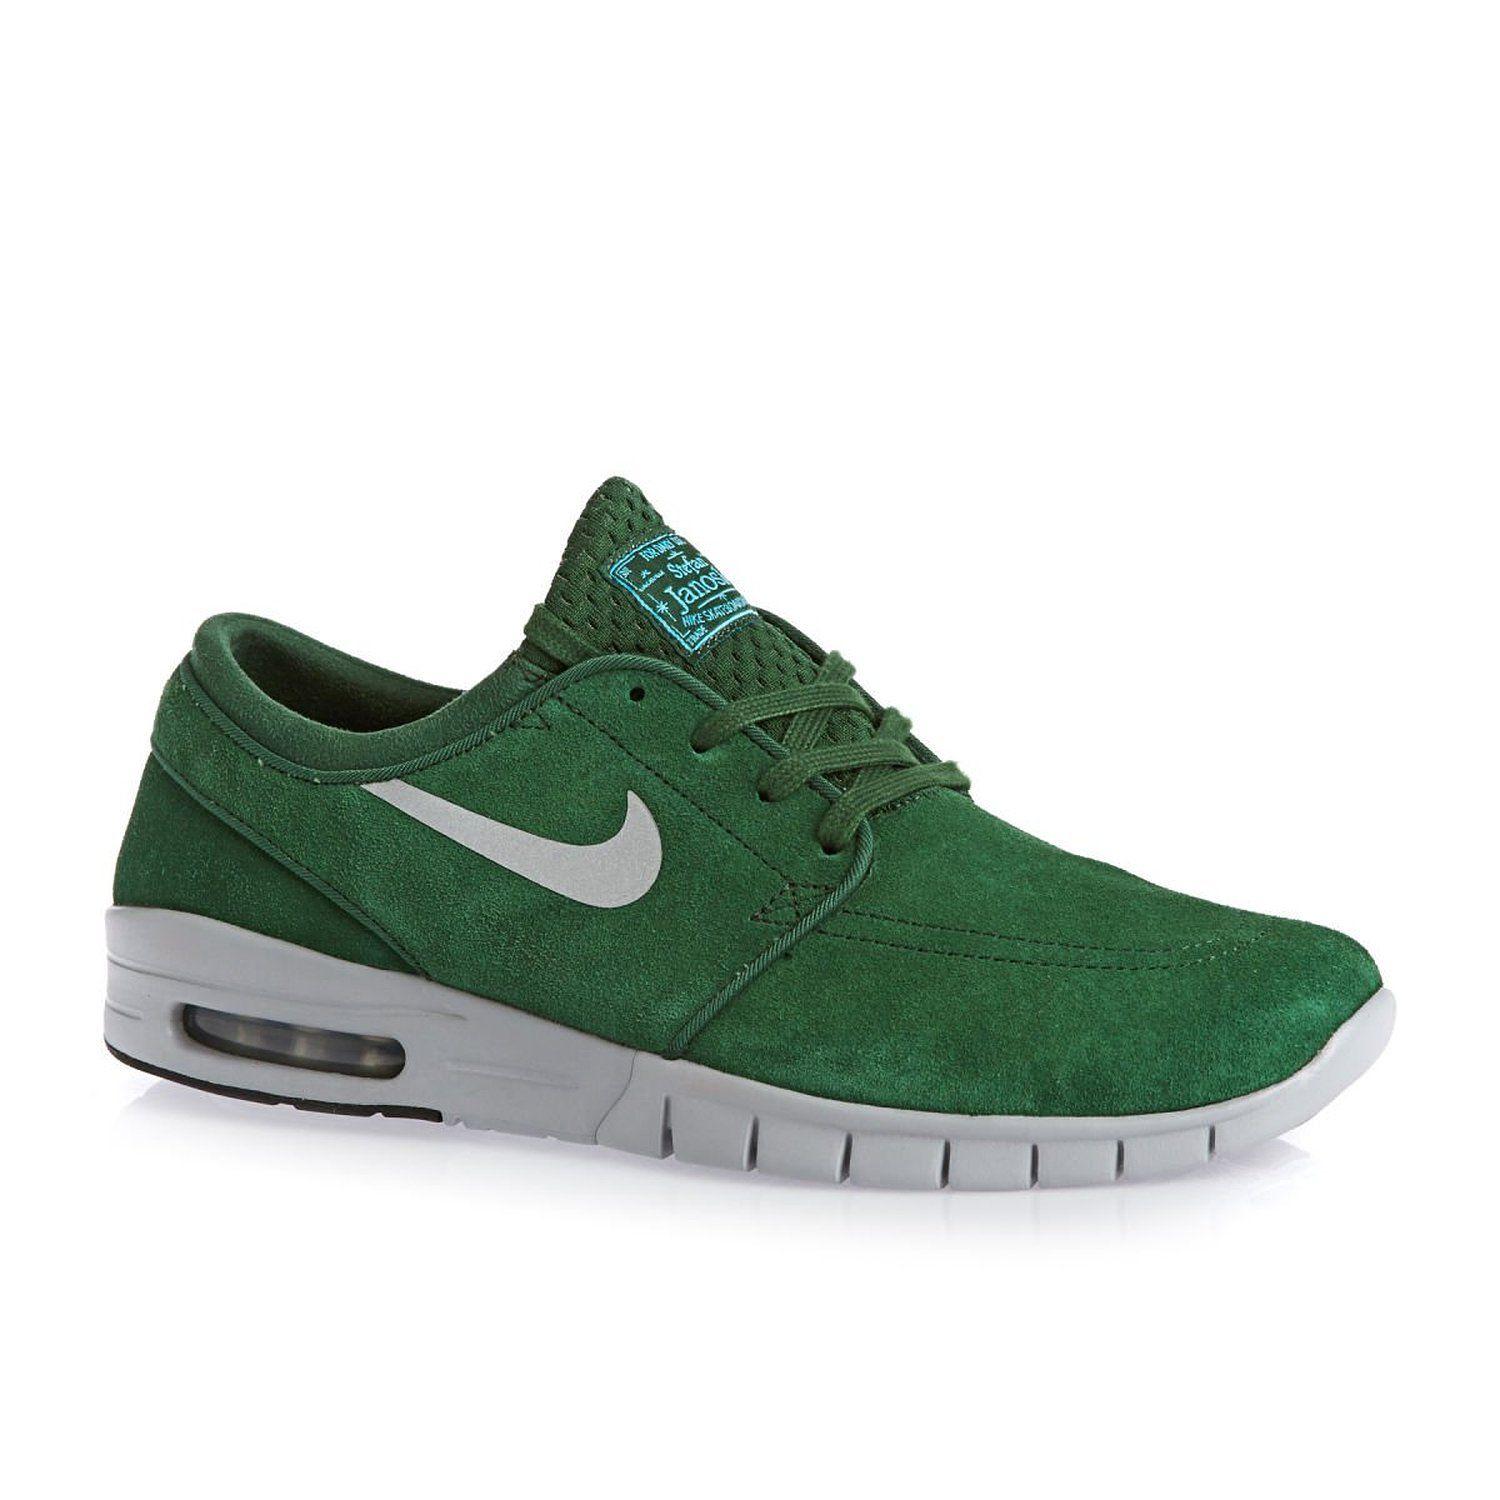 en soldes e38f8 b1601 Amazon.com: Nike SB Stefan Janoski Max L Men's Shoe - Gorge ...